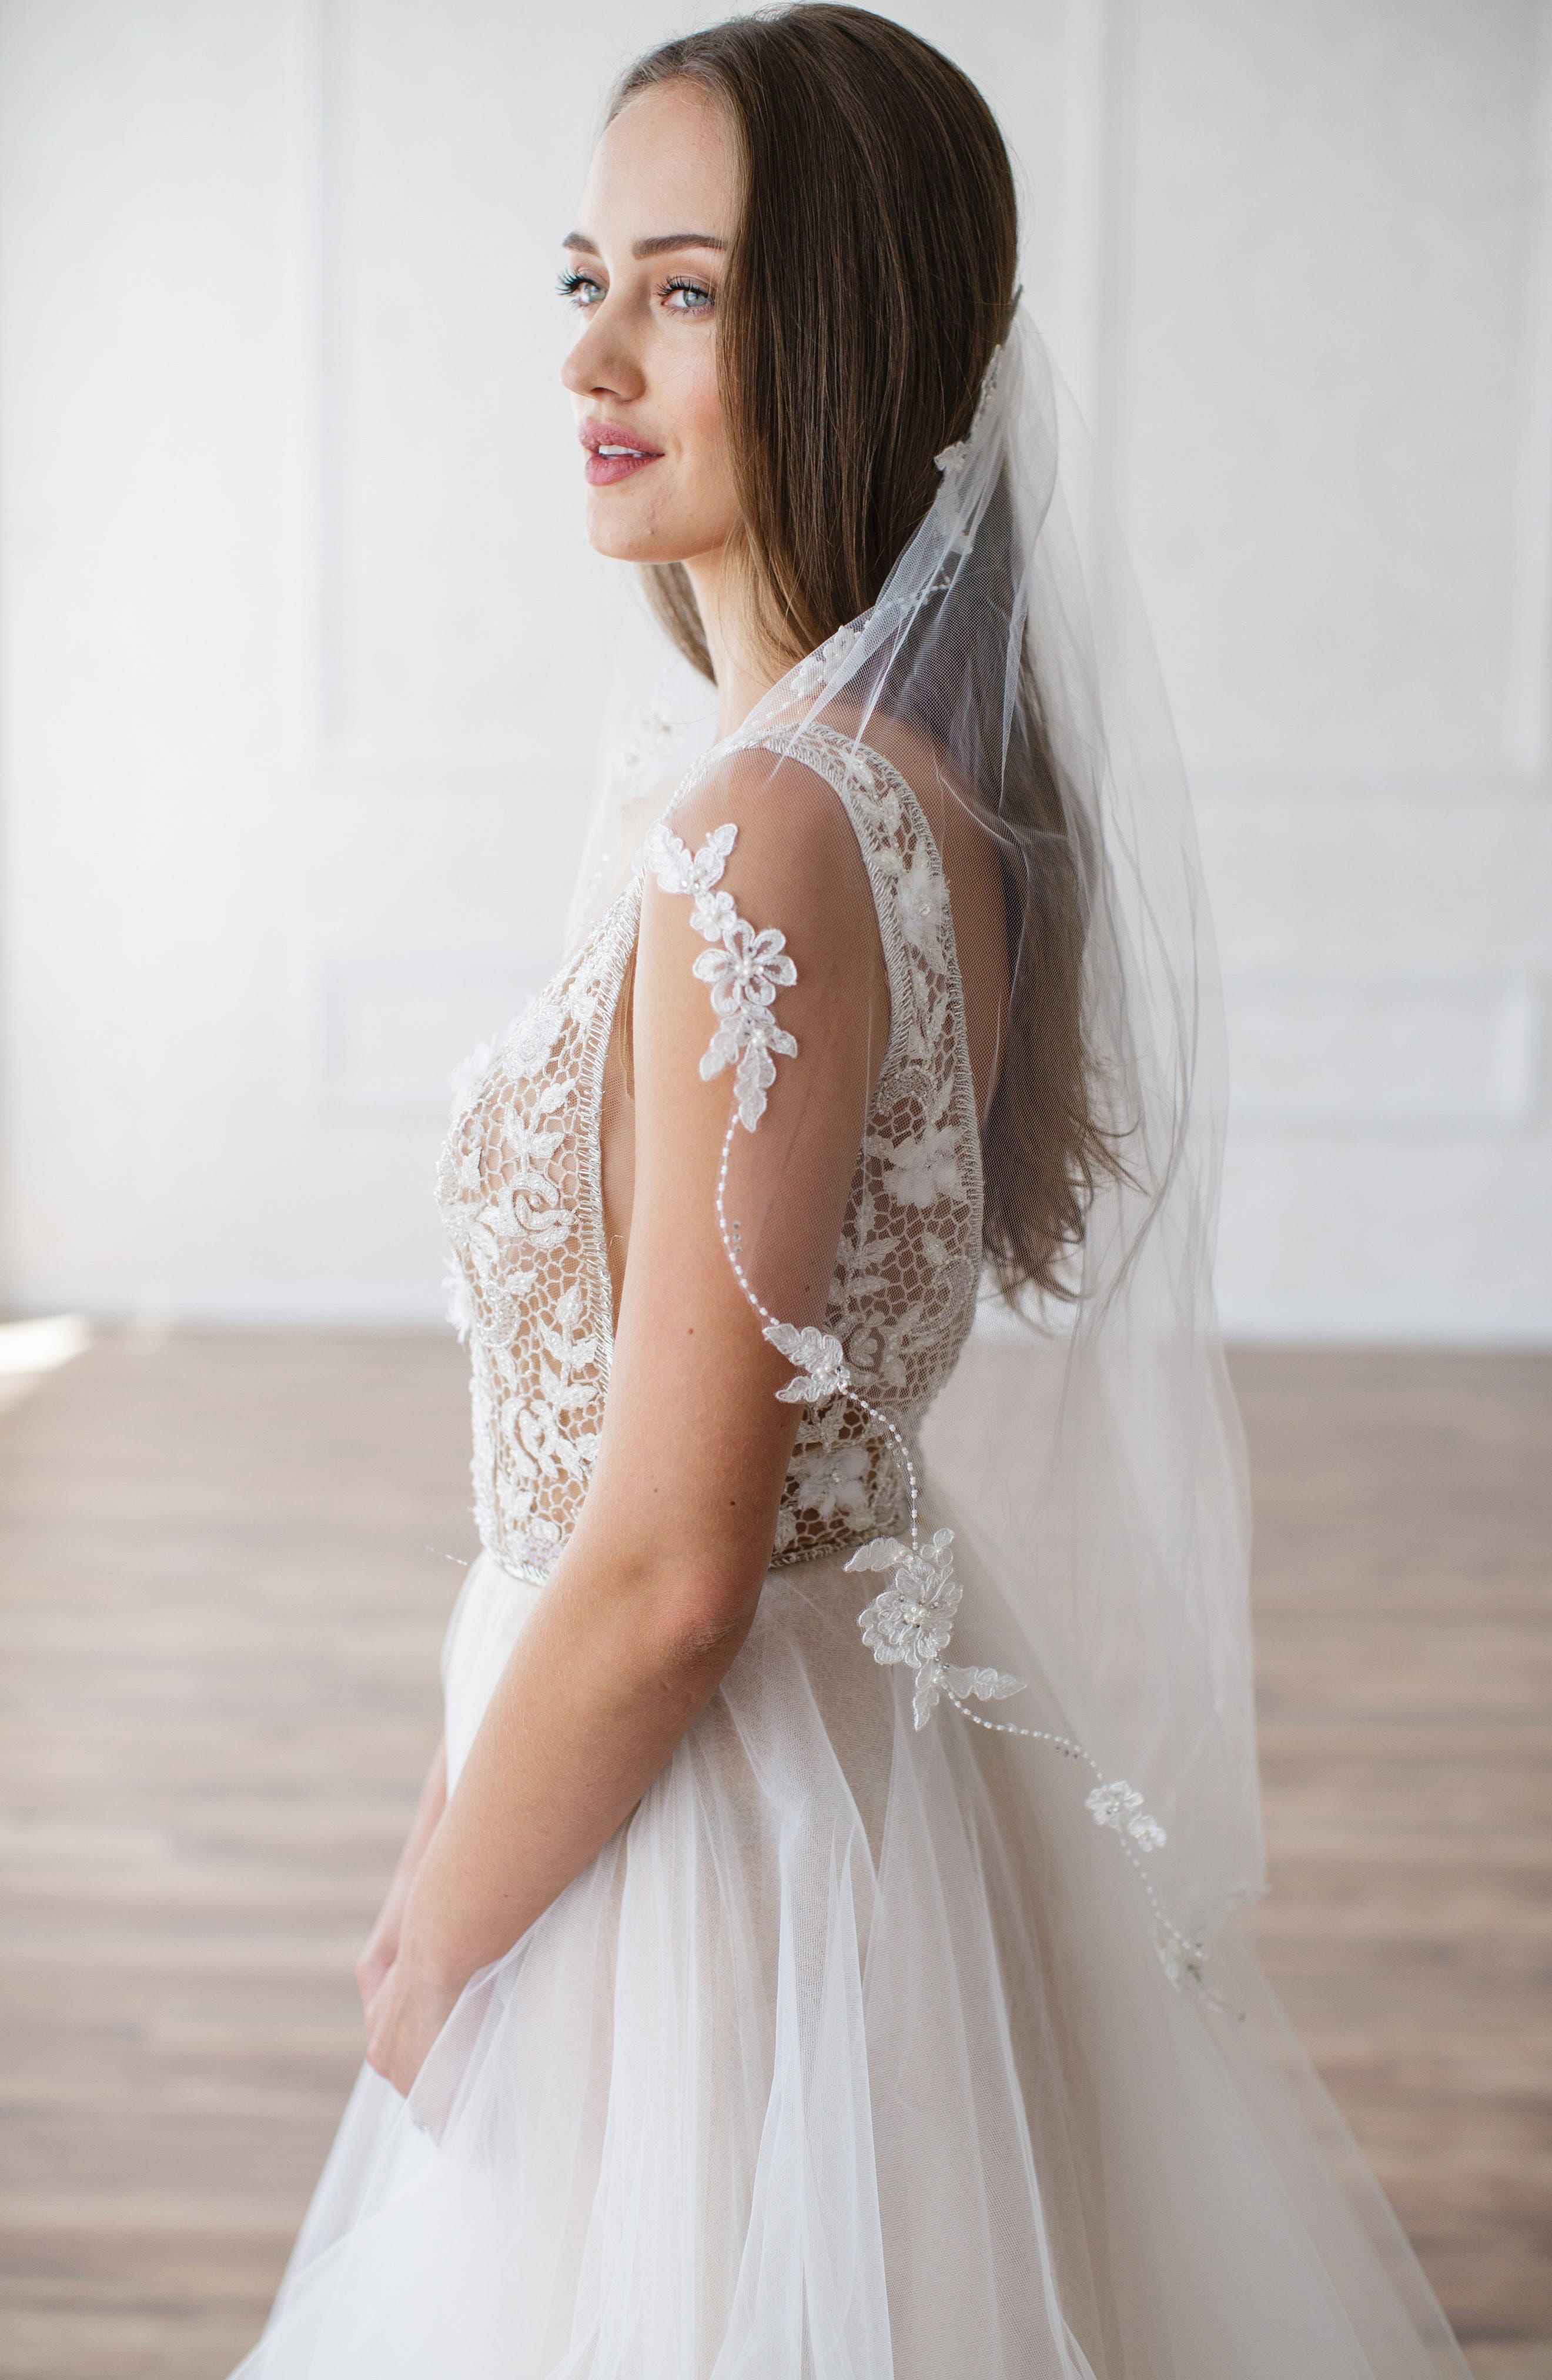 Main Image - Brides & Hairpins Mikaela Embellished Veil